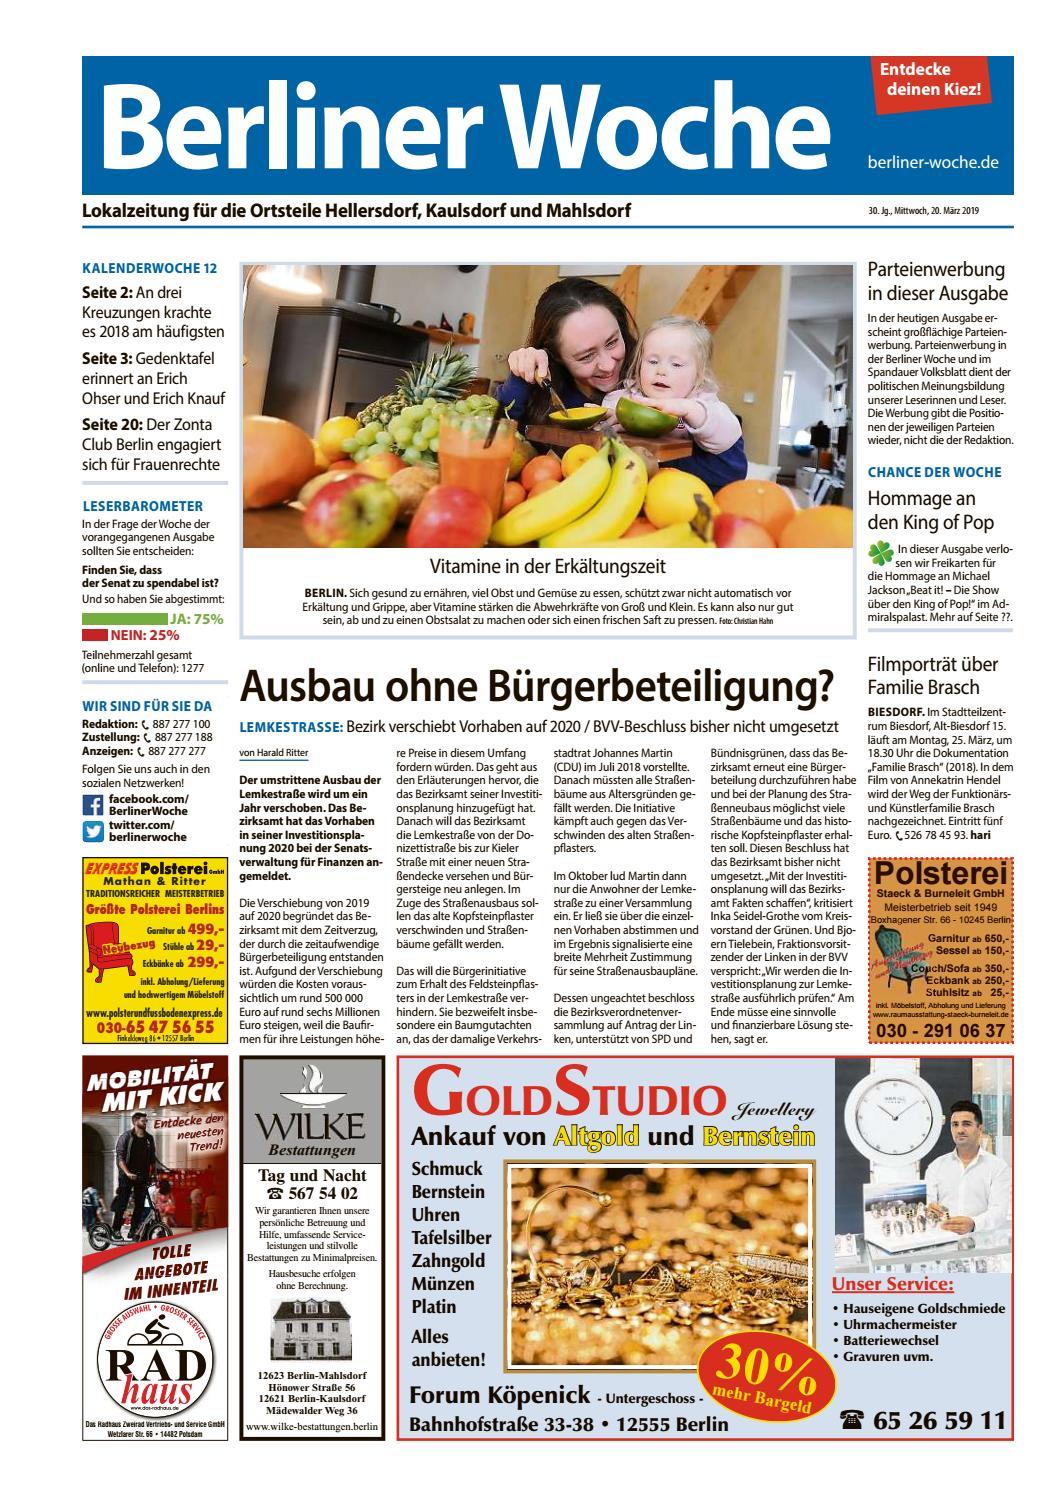 bsr recyclinghof mahlsdorf öffnungszeiten